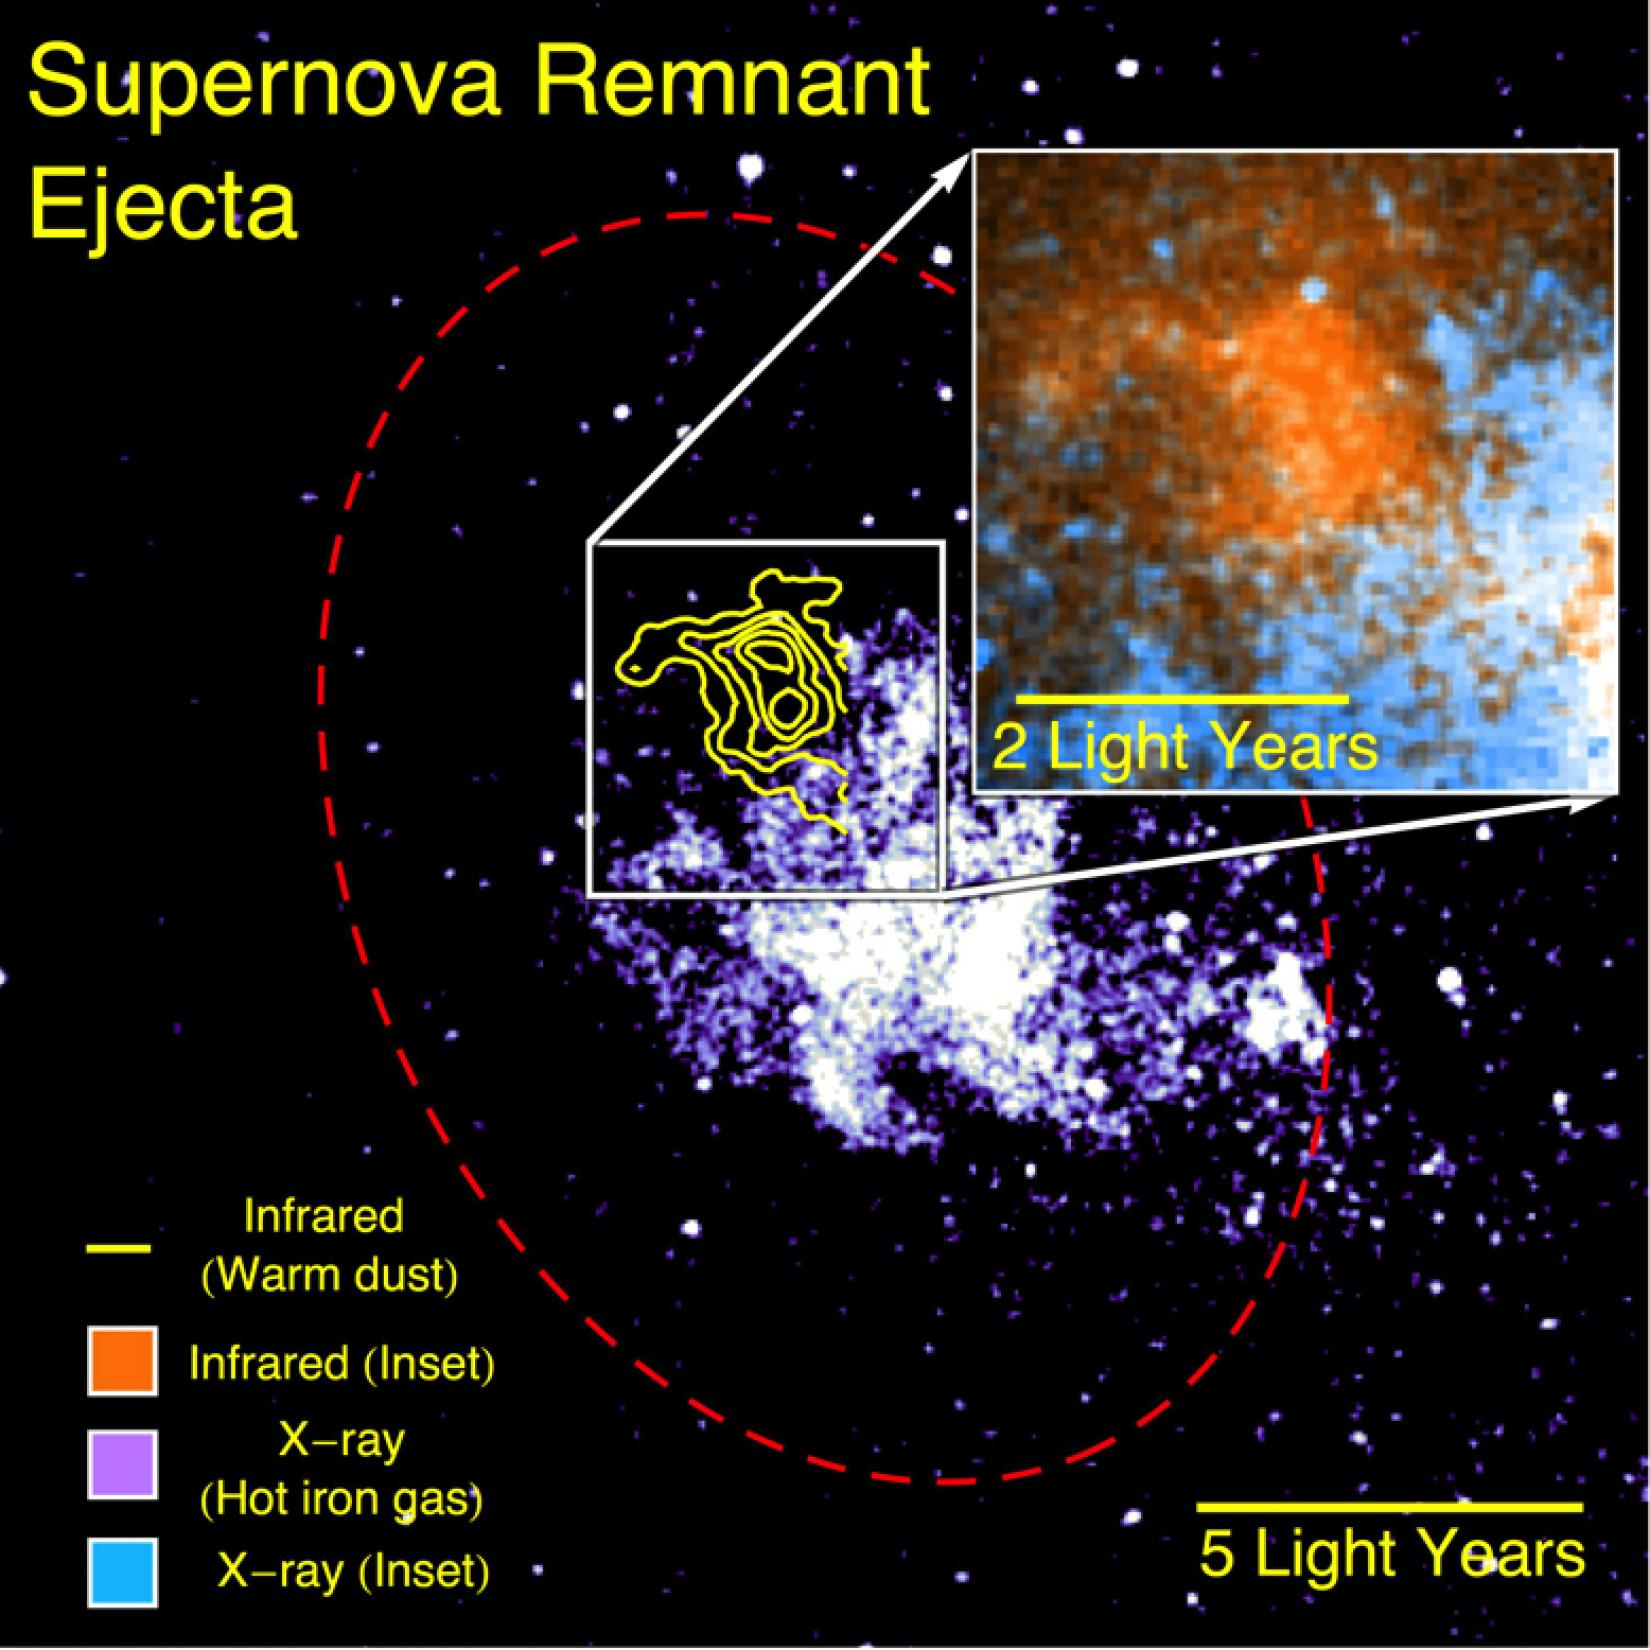 Supernova Remnant Ejecta